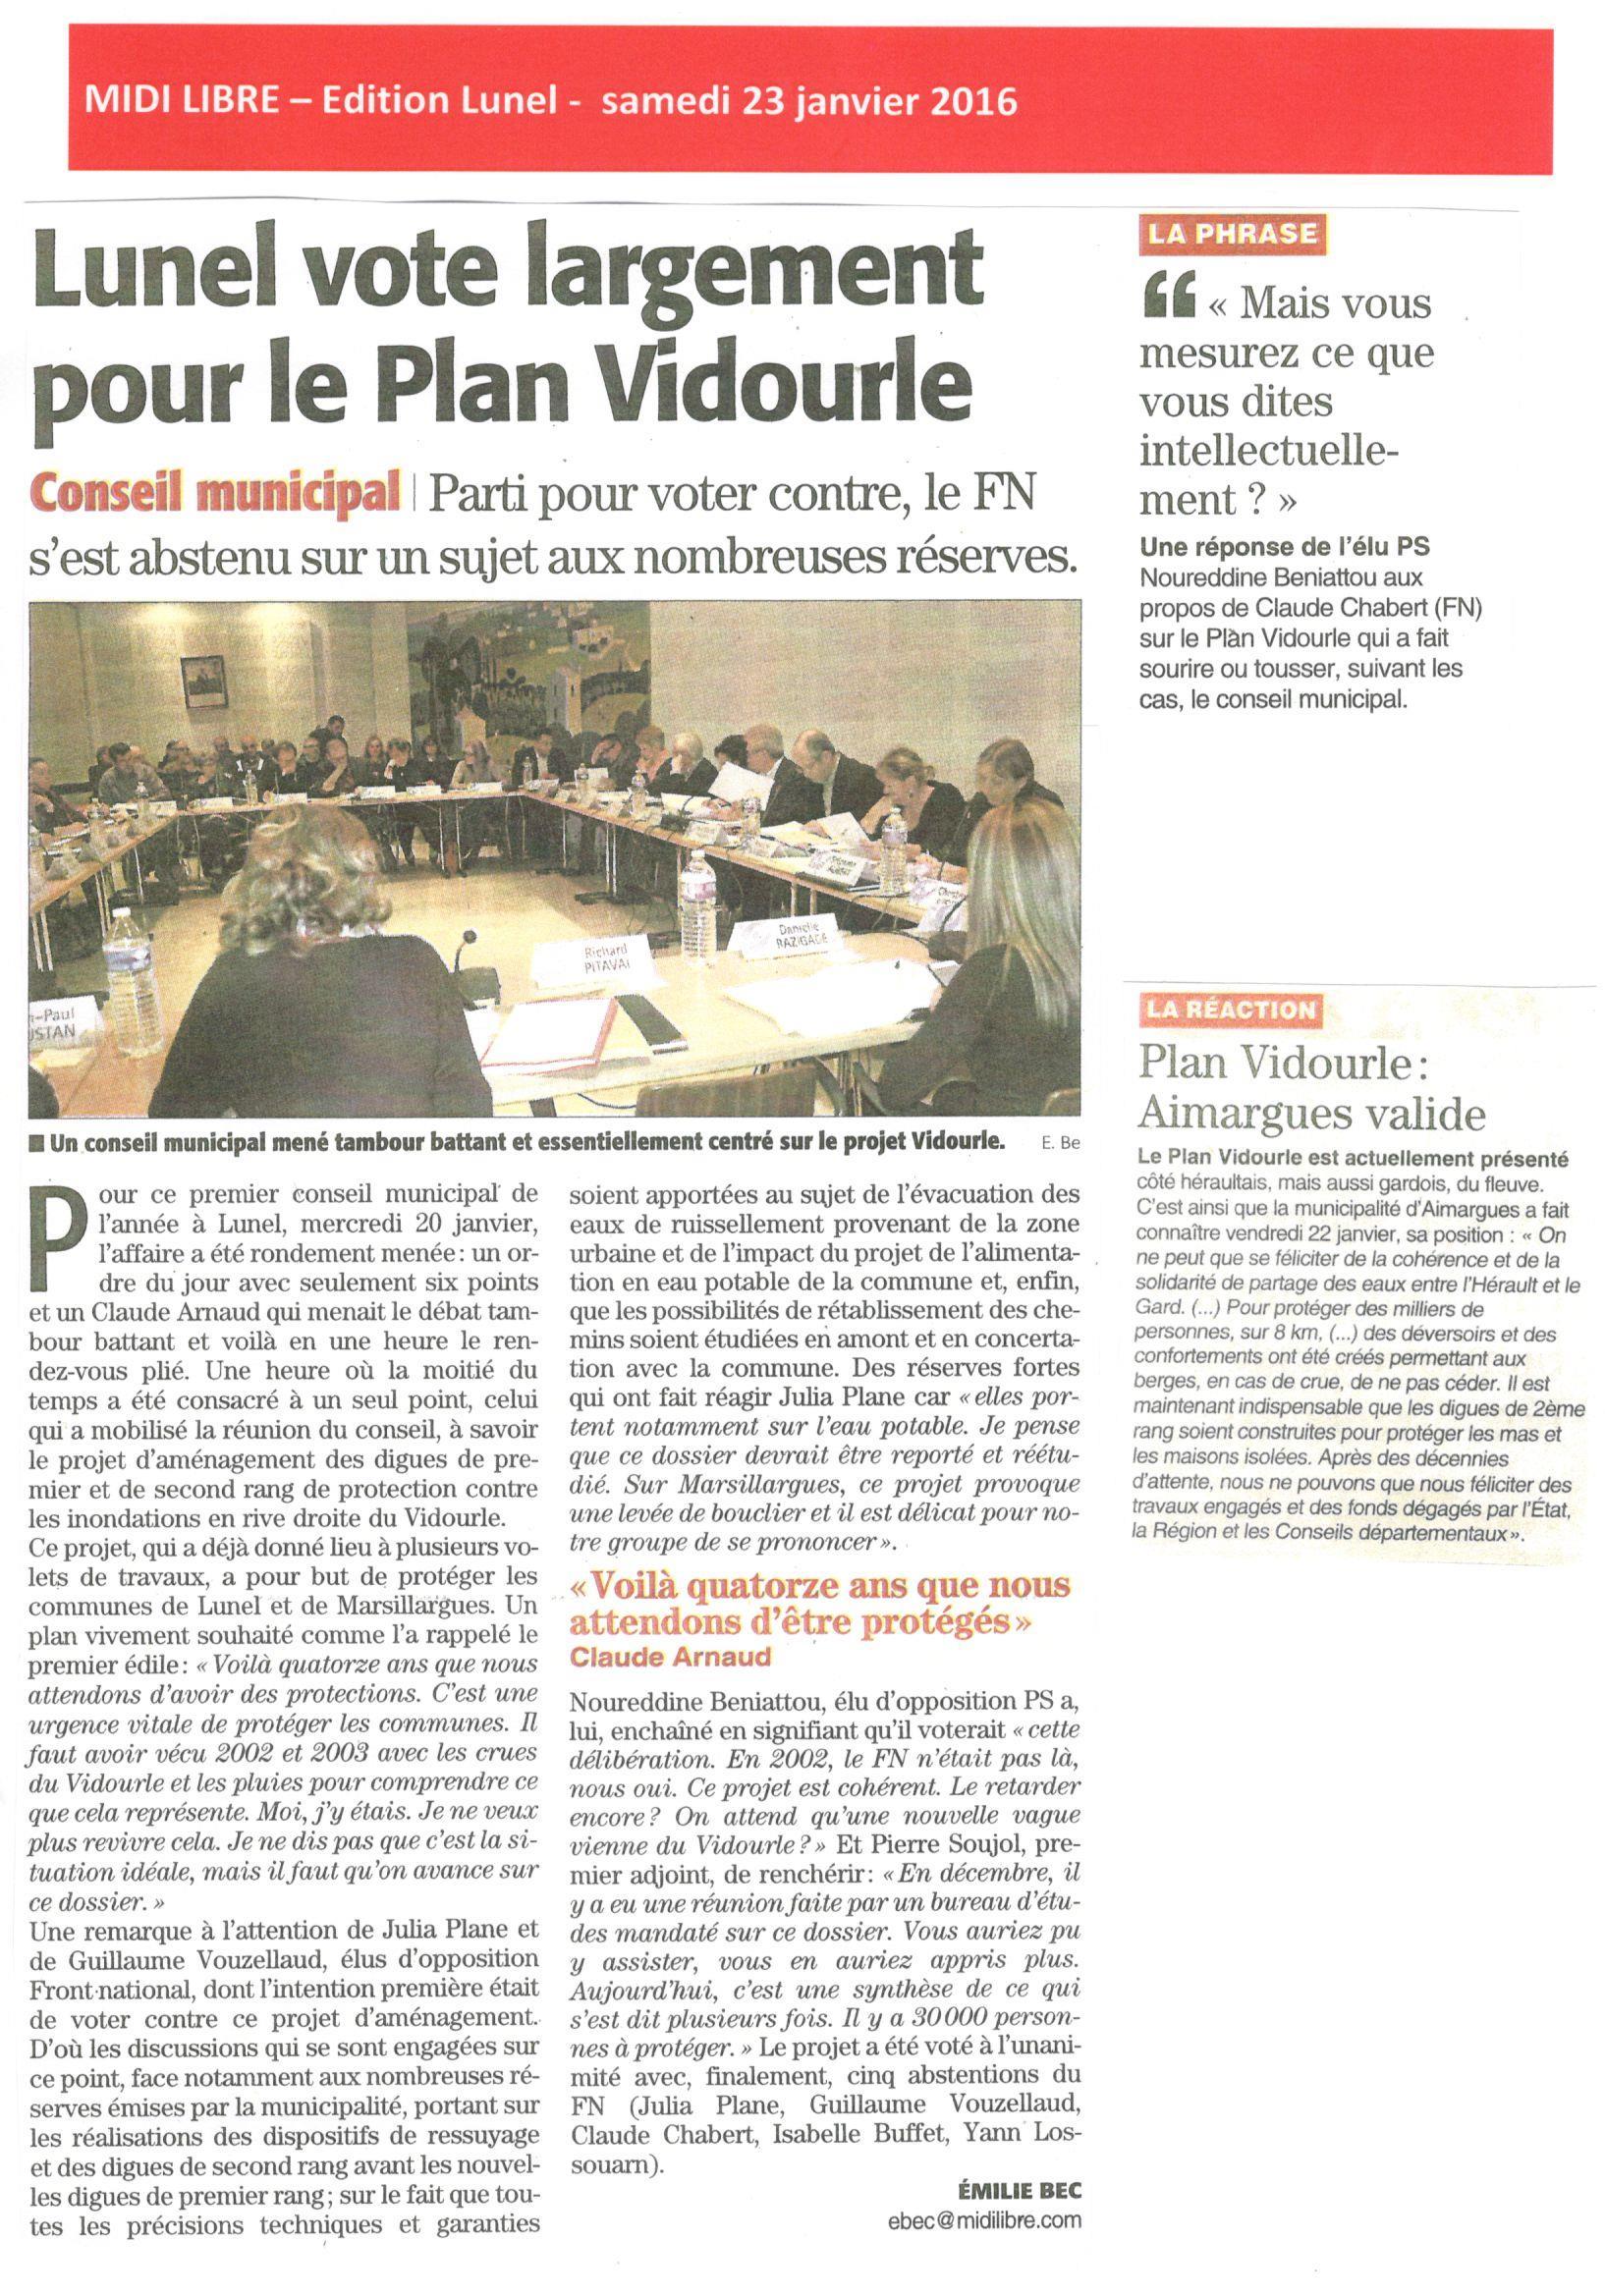 Lunel vote largement pour le Plan Vidourle